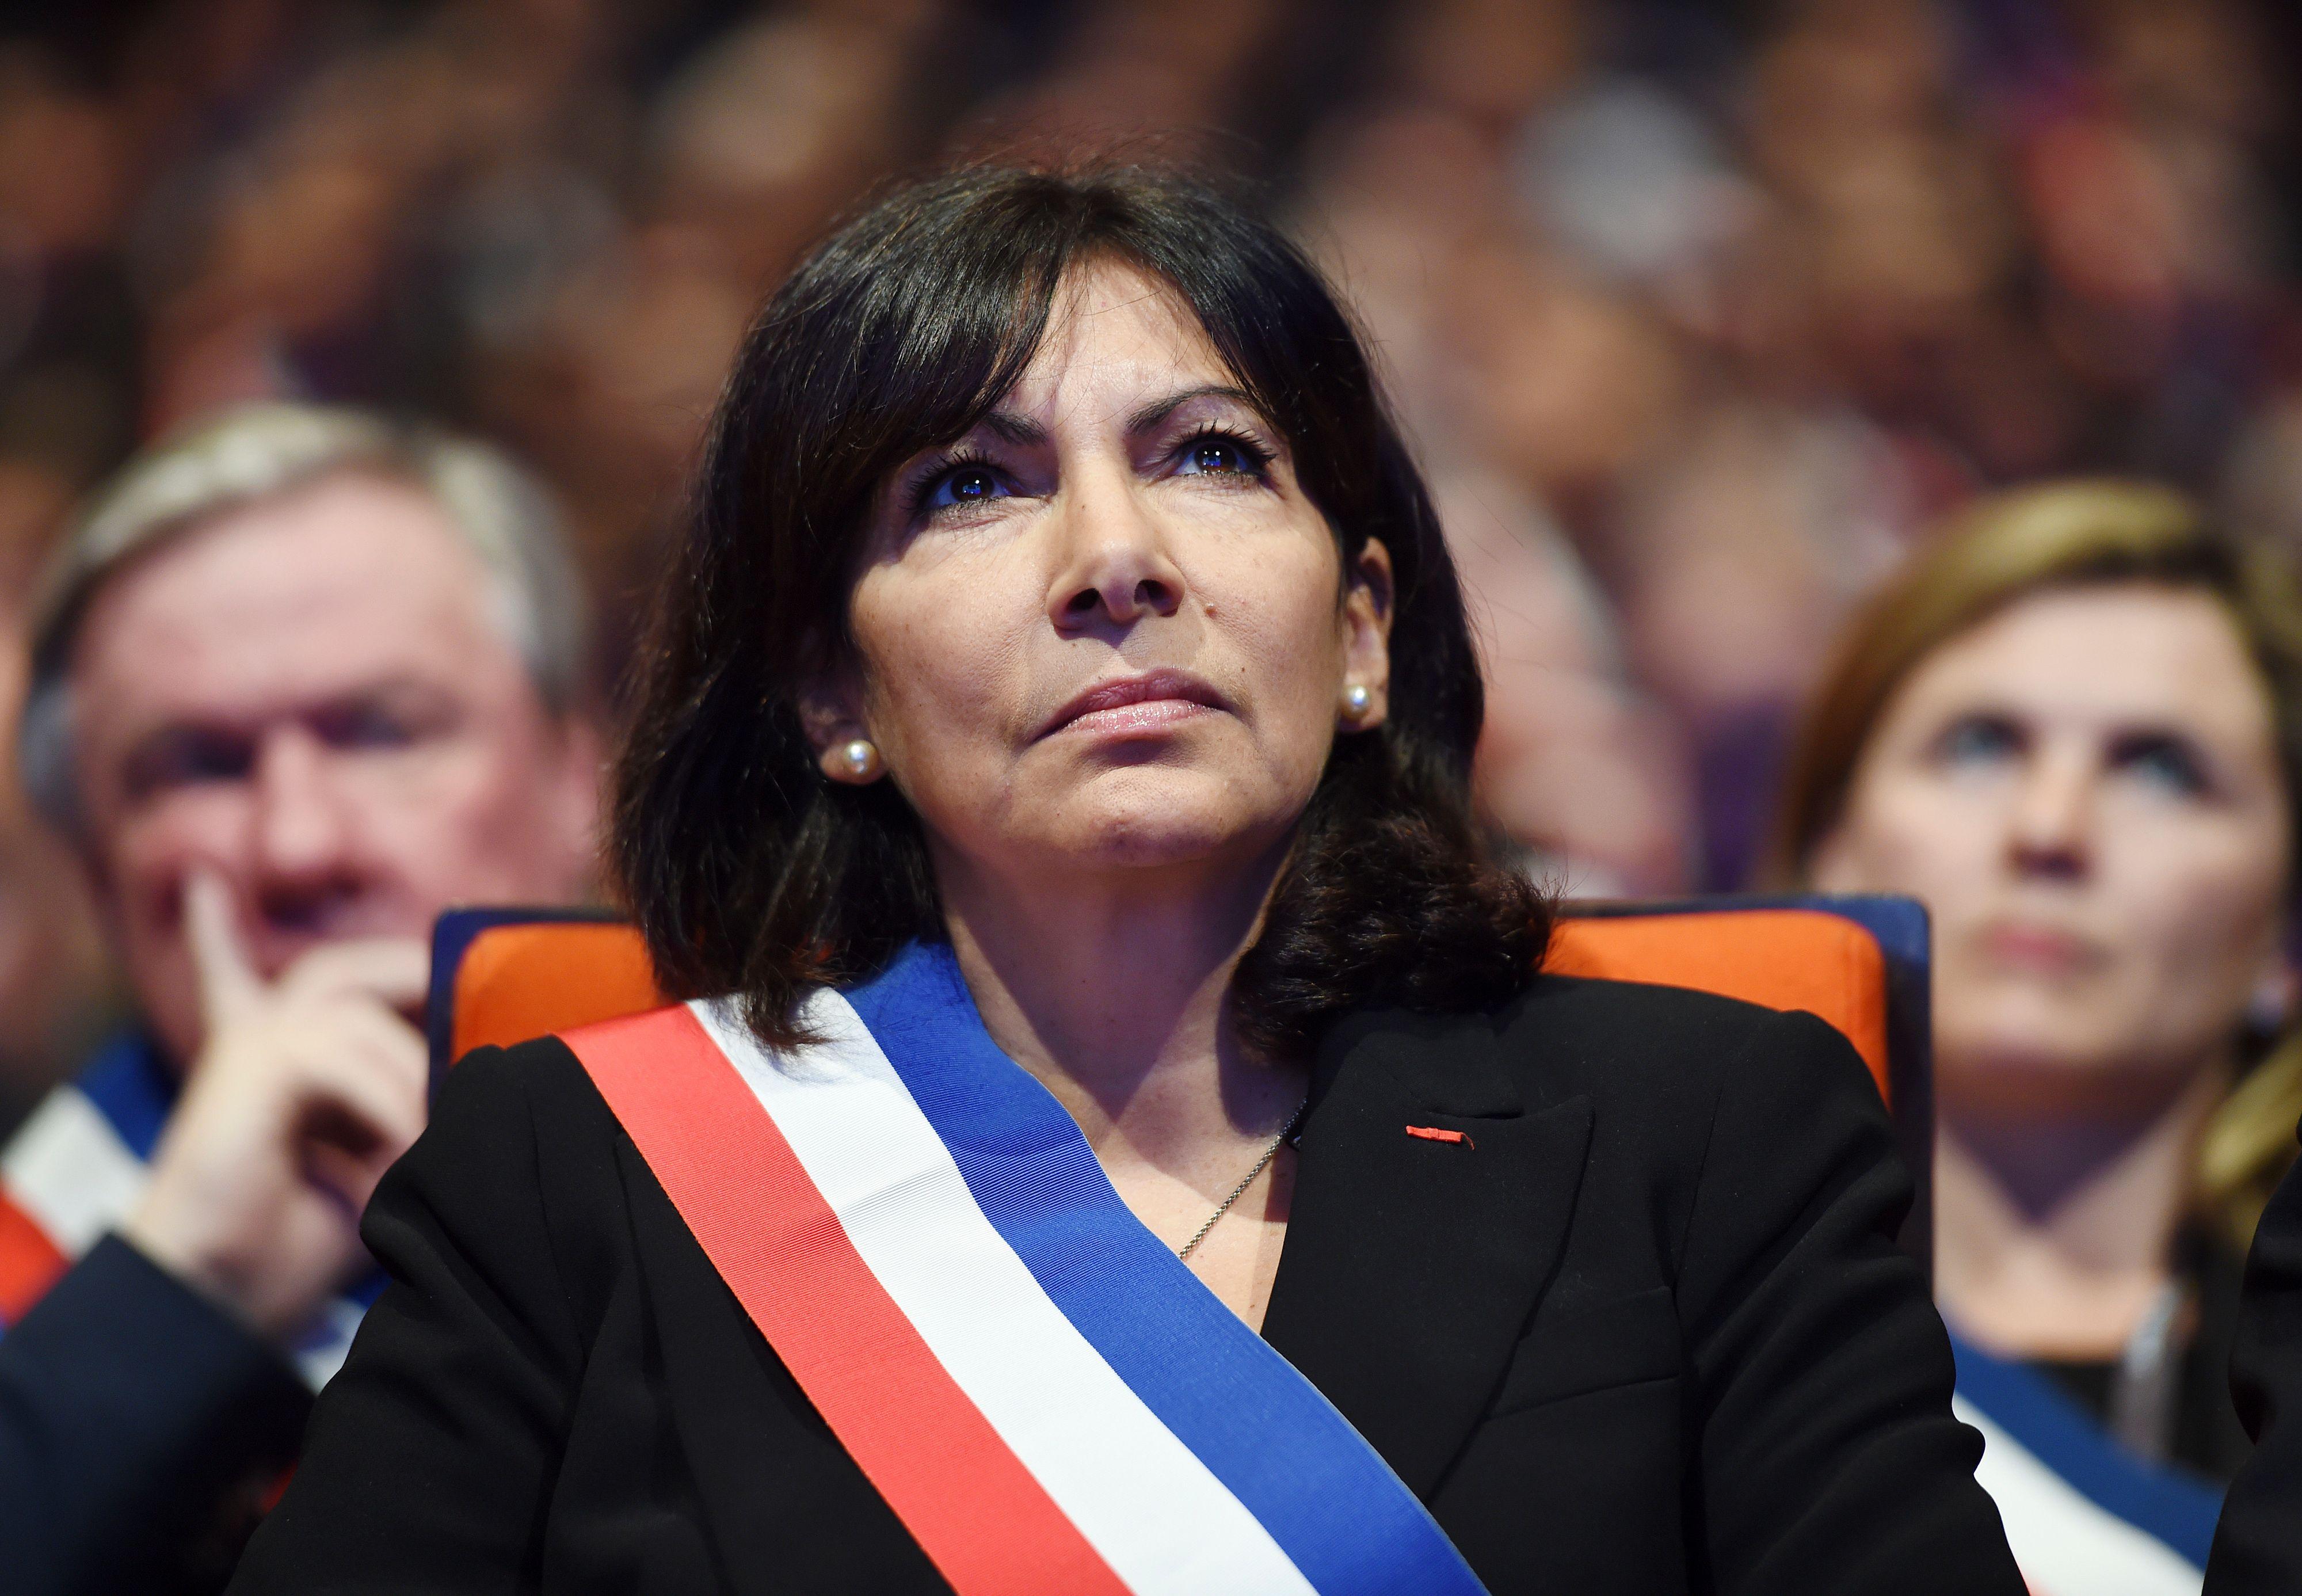 Ouverture dominicale : le revirement d'Anne Hidalgo choque la gauche mais réjouit la droite